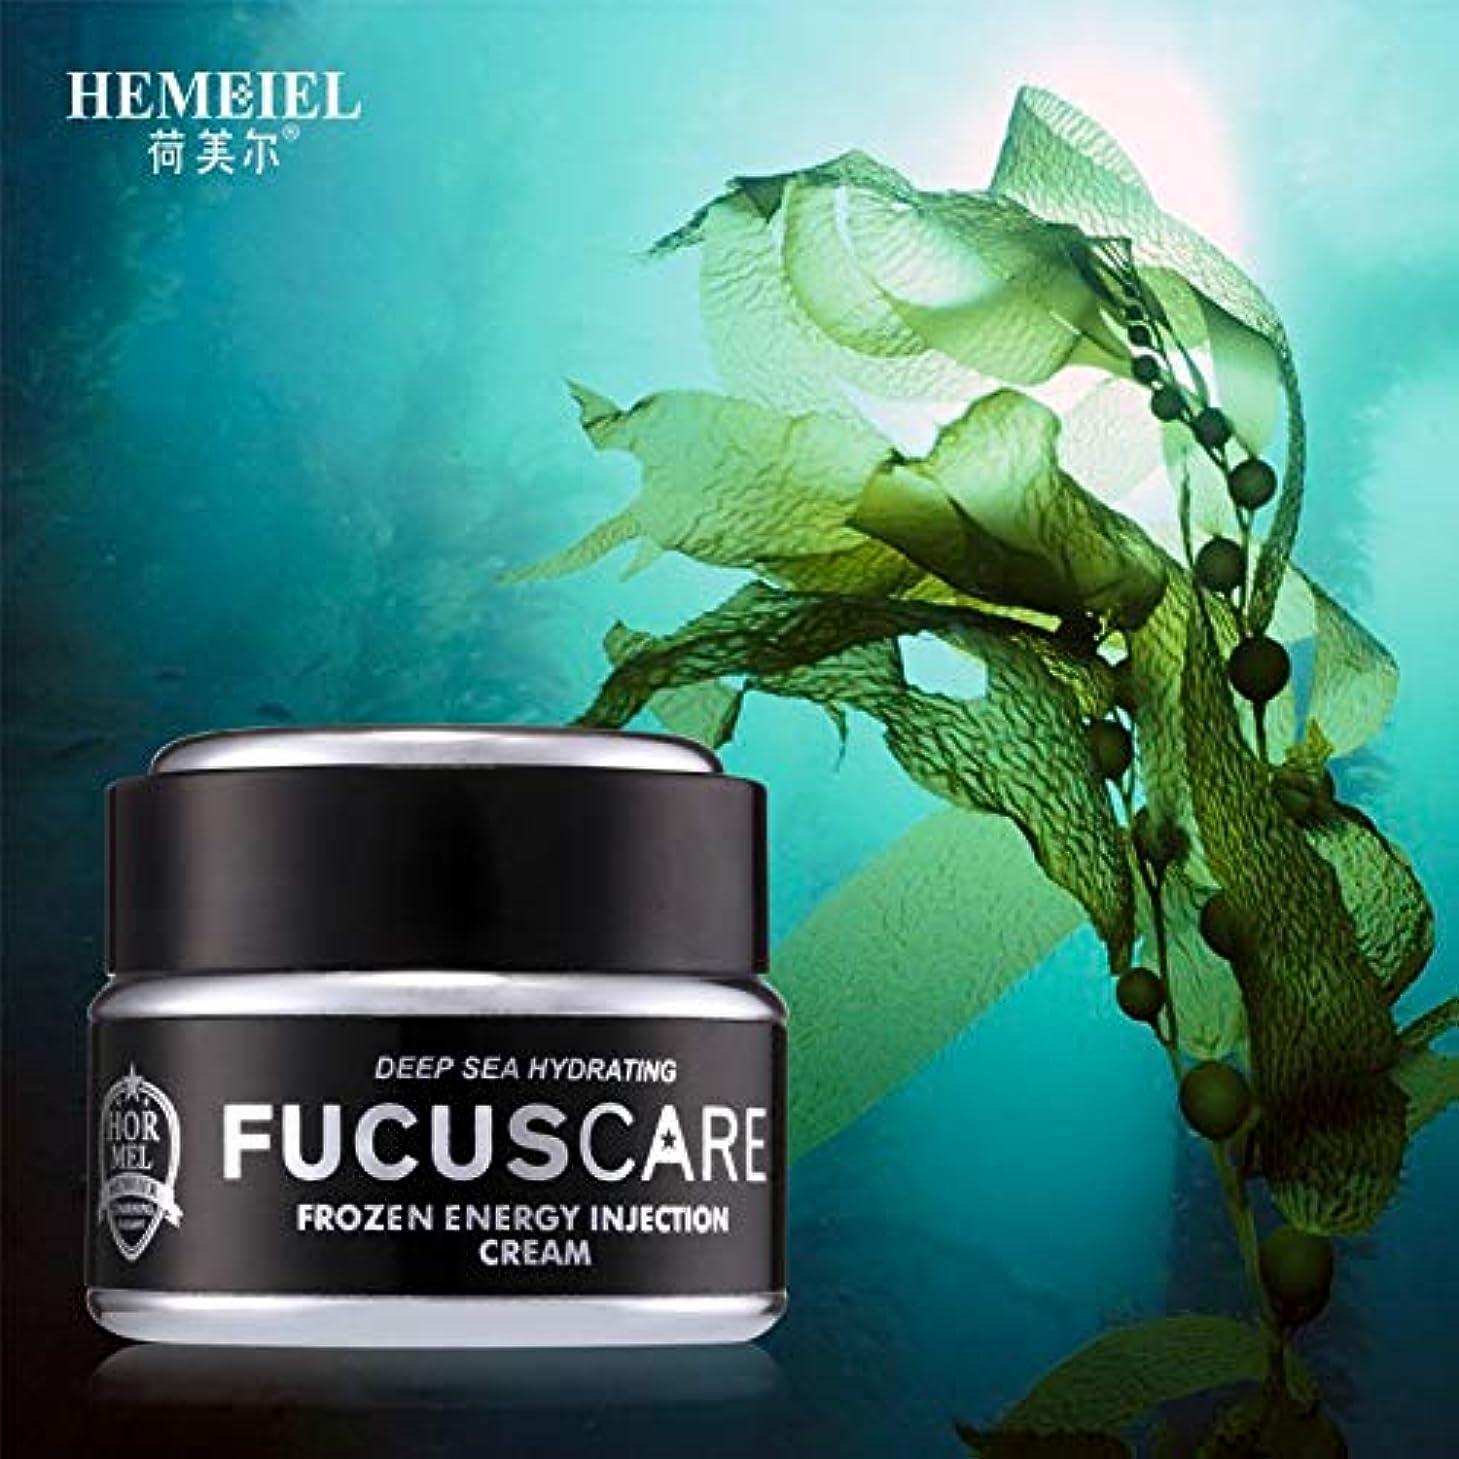 セットする火許可HEMEIELモイスチャライジングクリーム深海海藻エッセンススーパーハイドレイティングオイルコントロールフェイスクリームコーニンクリーム